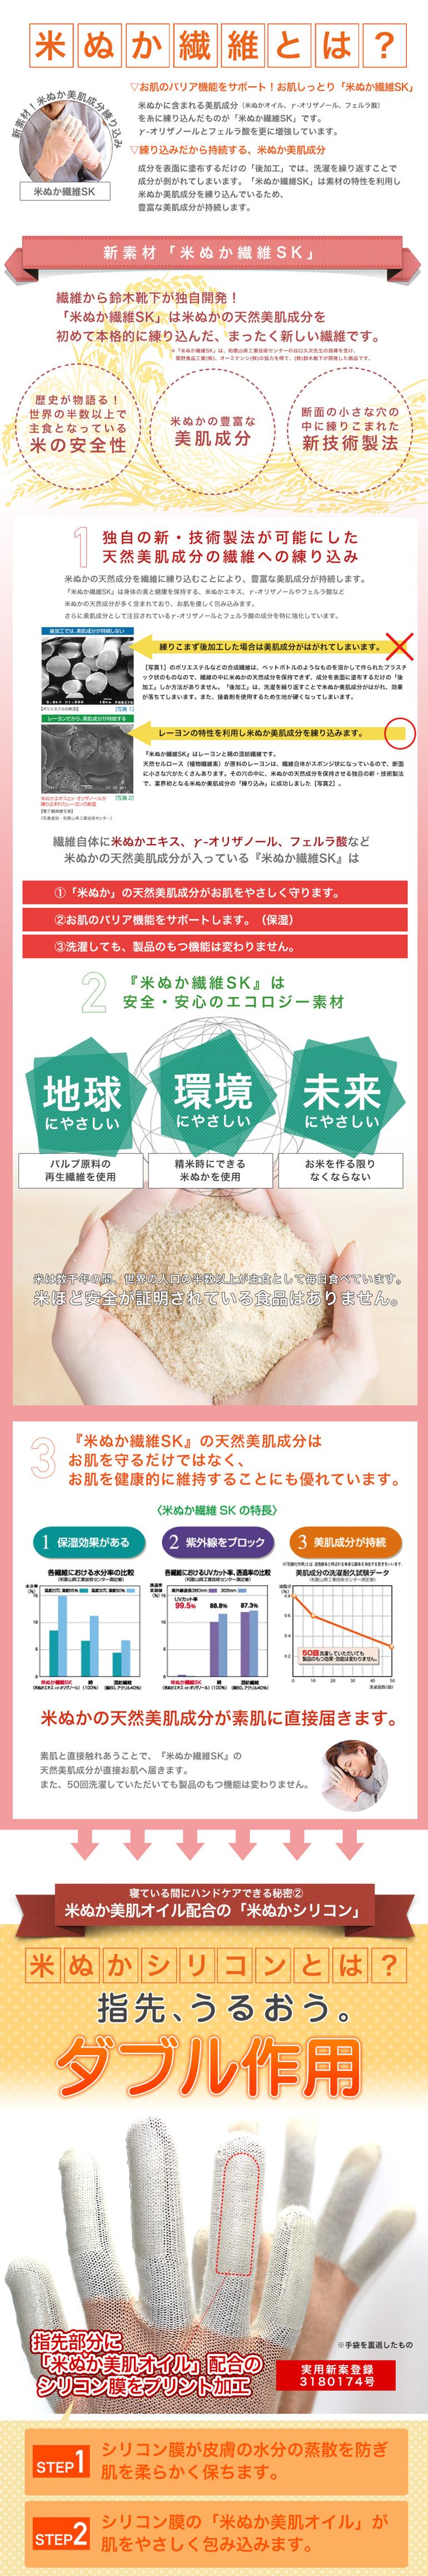 米ぬかシリコンおやすみ手袋は、指先を集中保湿します。